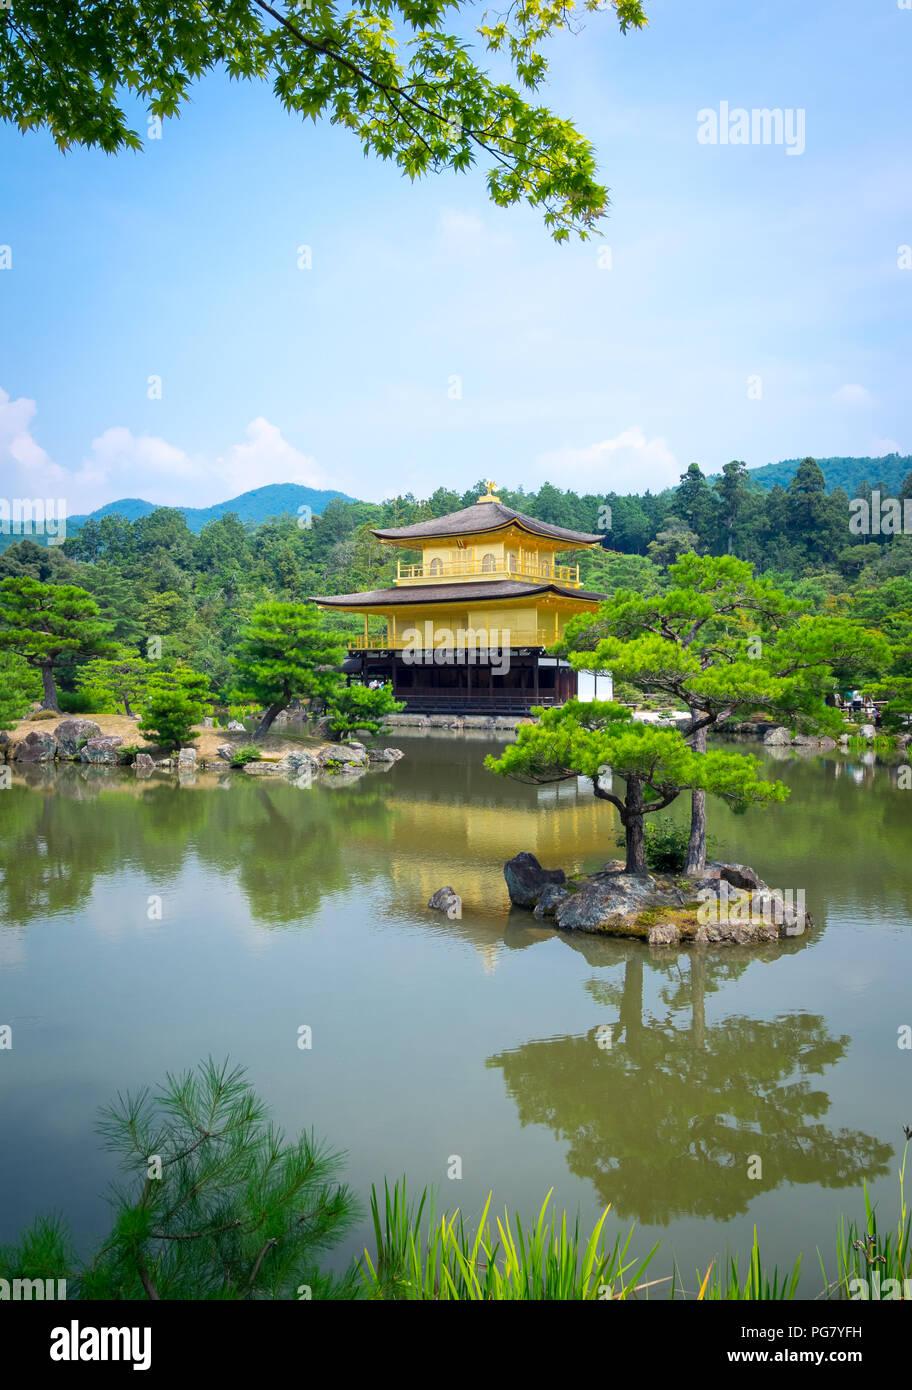 Kinkaku-ji (noto anche come Kinkakuji o Rokuon-ji), il Tempio del Padiglione Dorato, è famoso Zen tempio Buddista situato a Kyoto, in Giappone. Immagini Stock